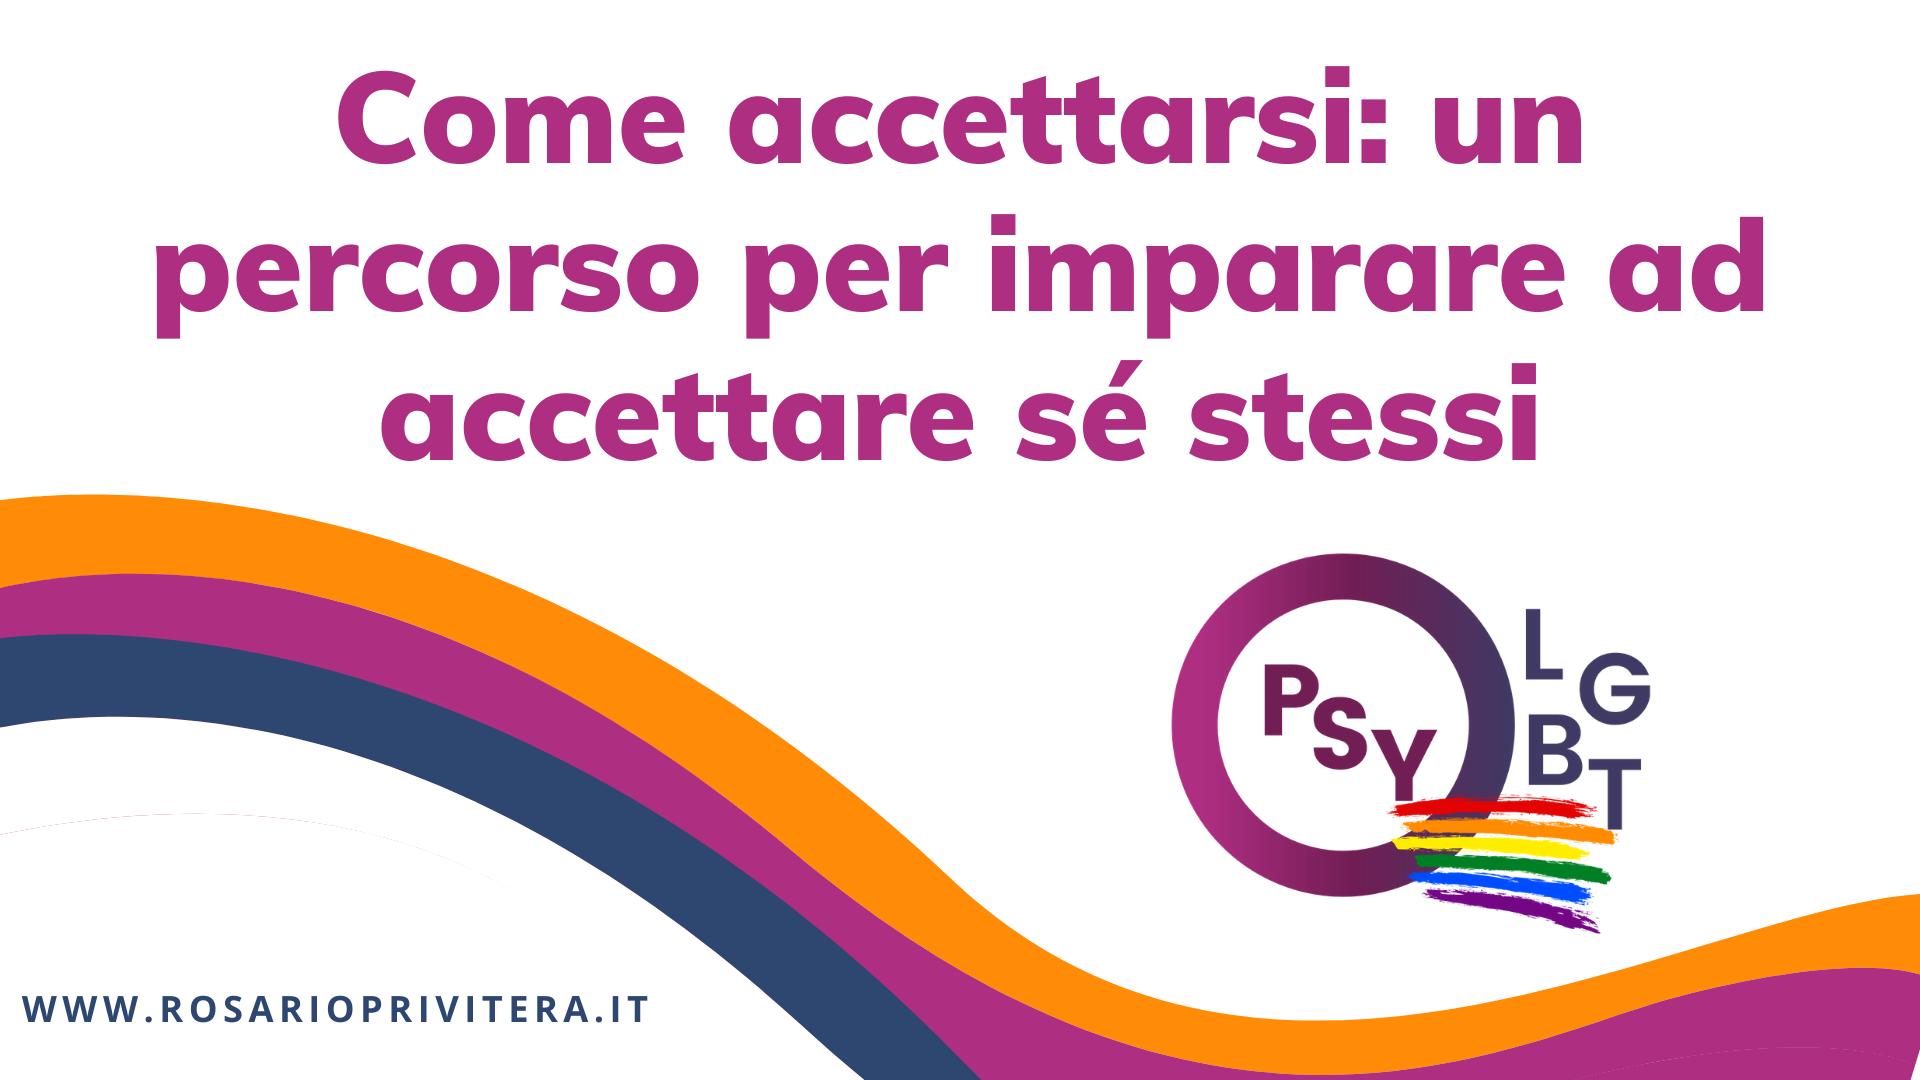 Come accettare il proprio orientamento sessuale o la propria identità sessuale